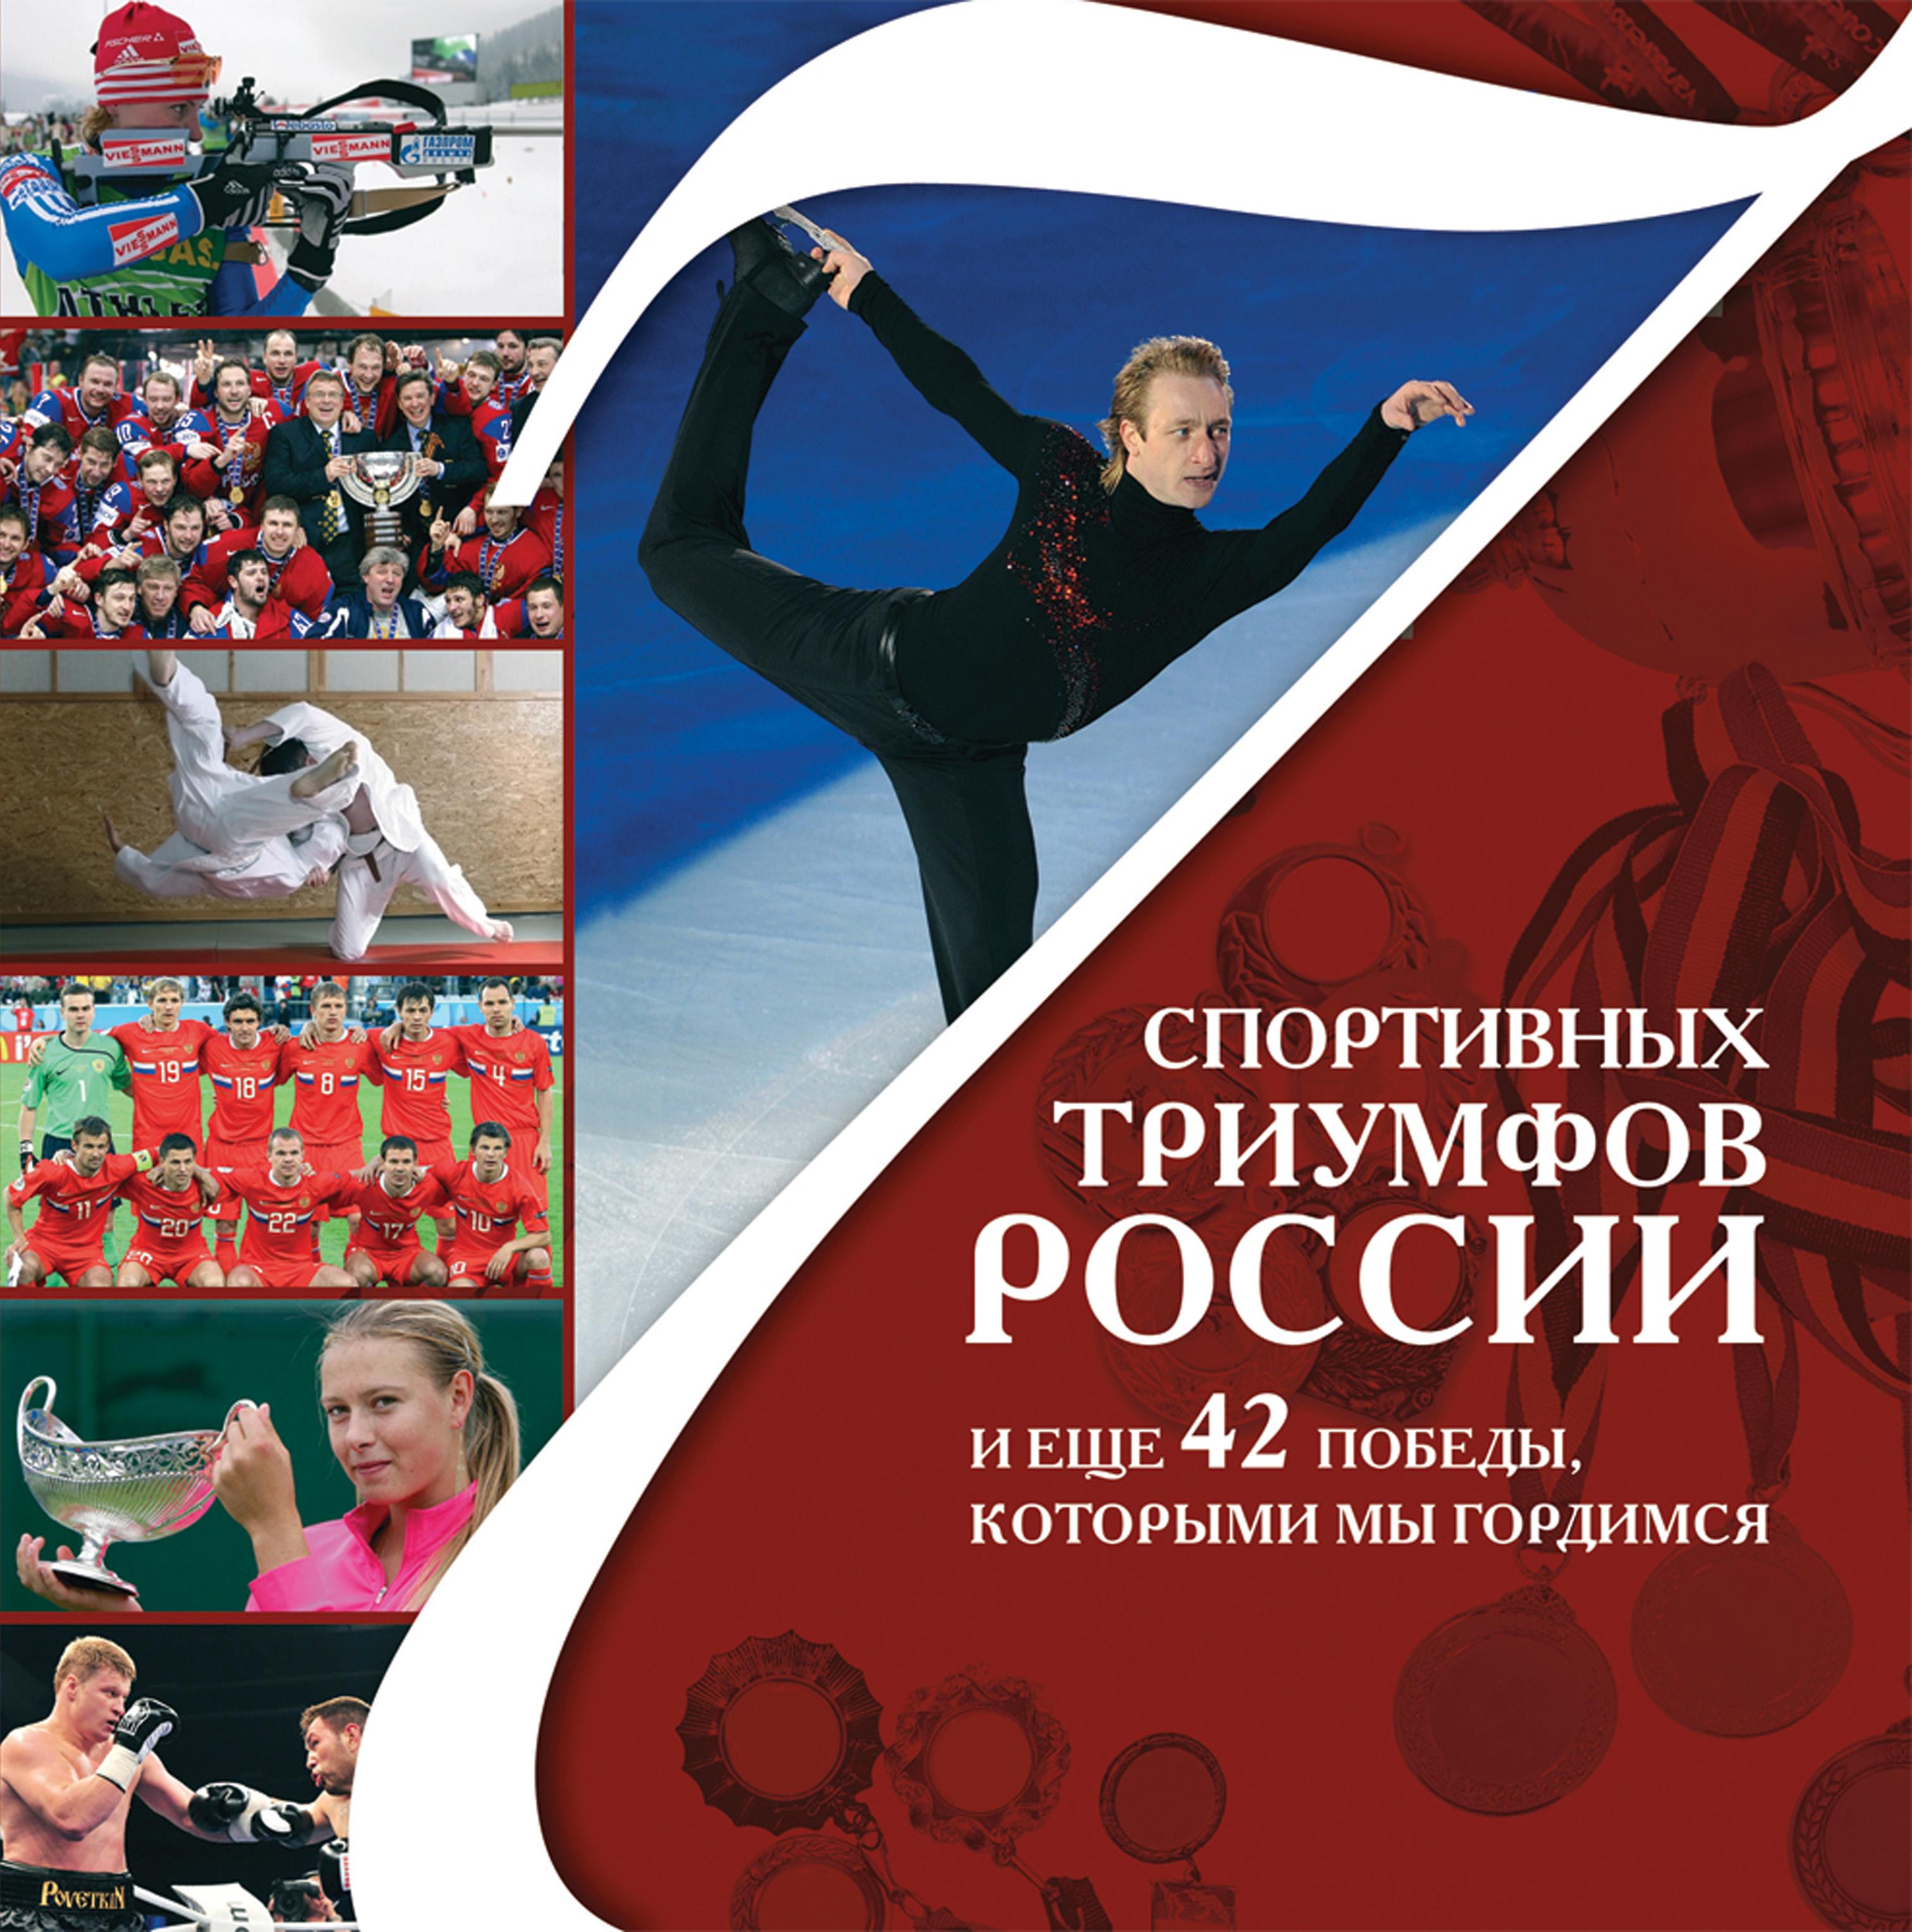 7 спортивных триумфов России и еще 42 победы, которыми мы гордимся от book24.ru